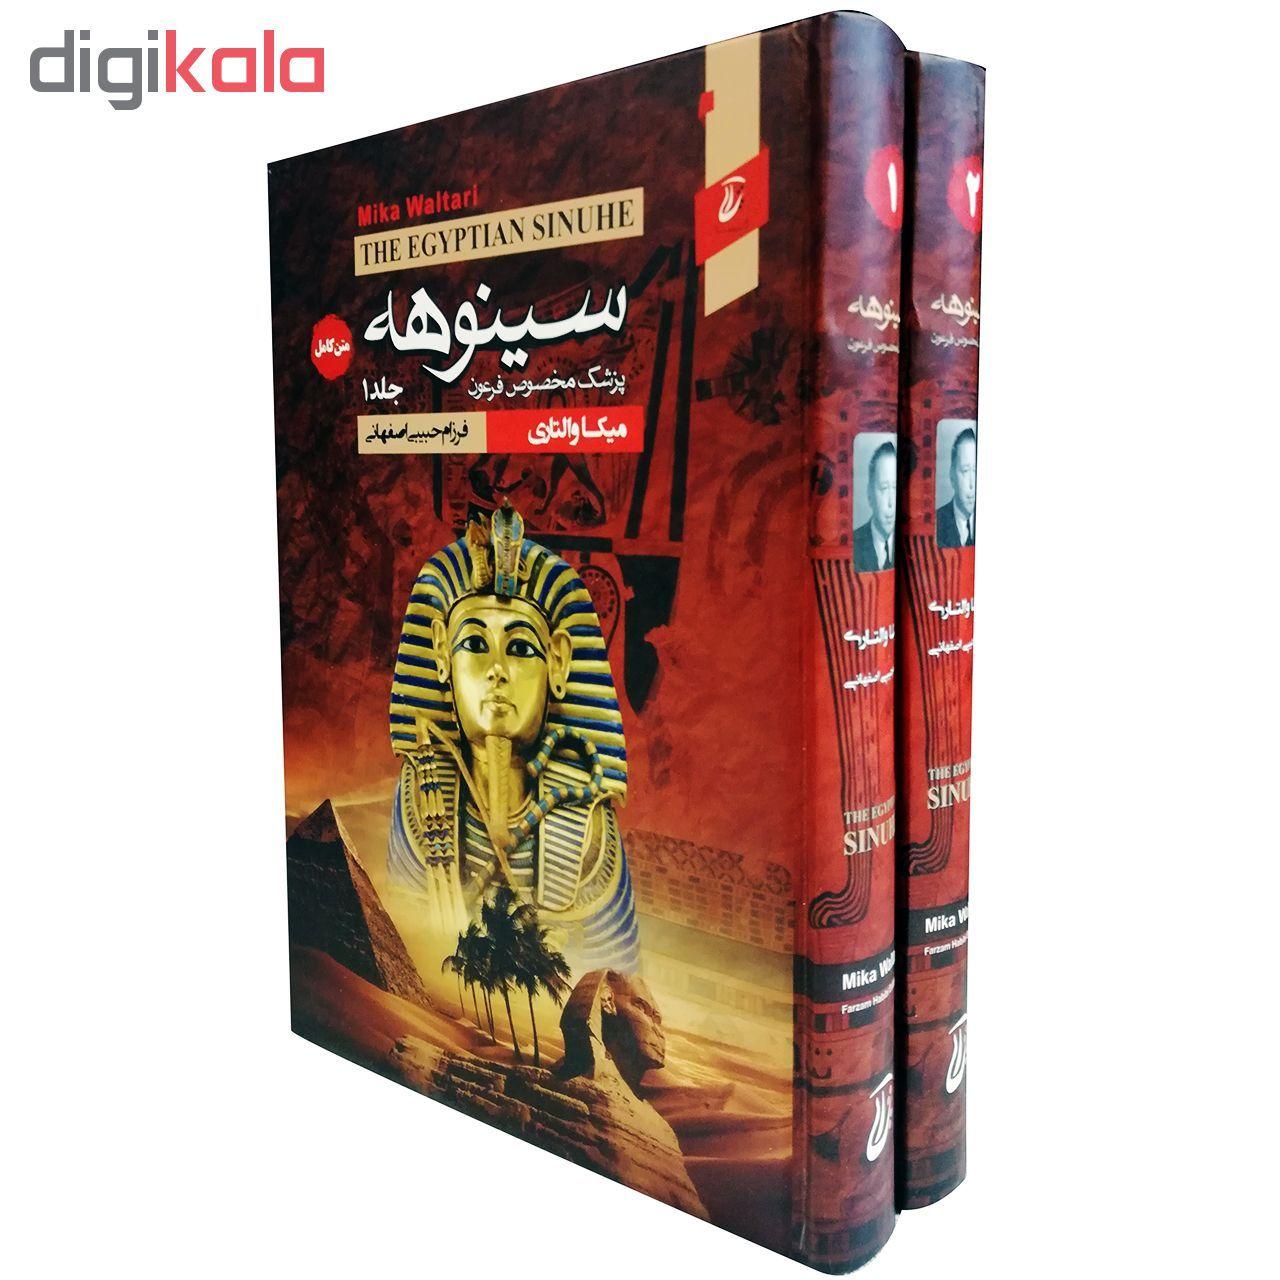 کتاب سینوهه پزشک مخصوص فرعون اثر میکا والتاری انتشارات آتیسا 2 جلدی main 1 1